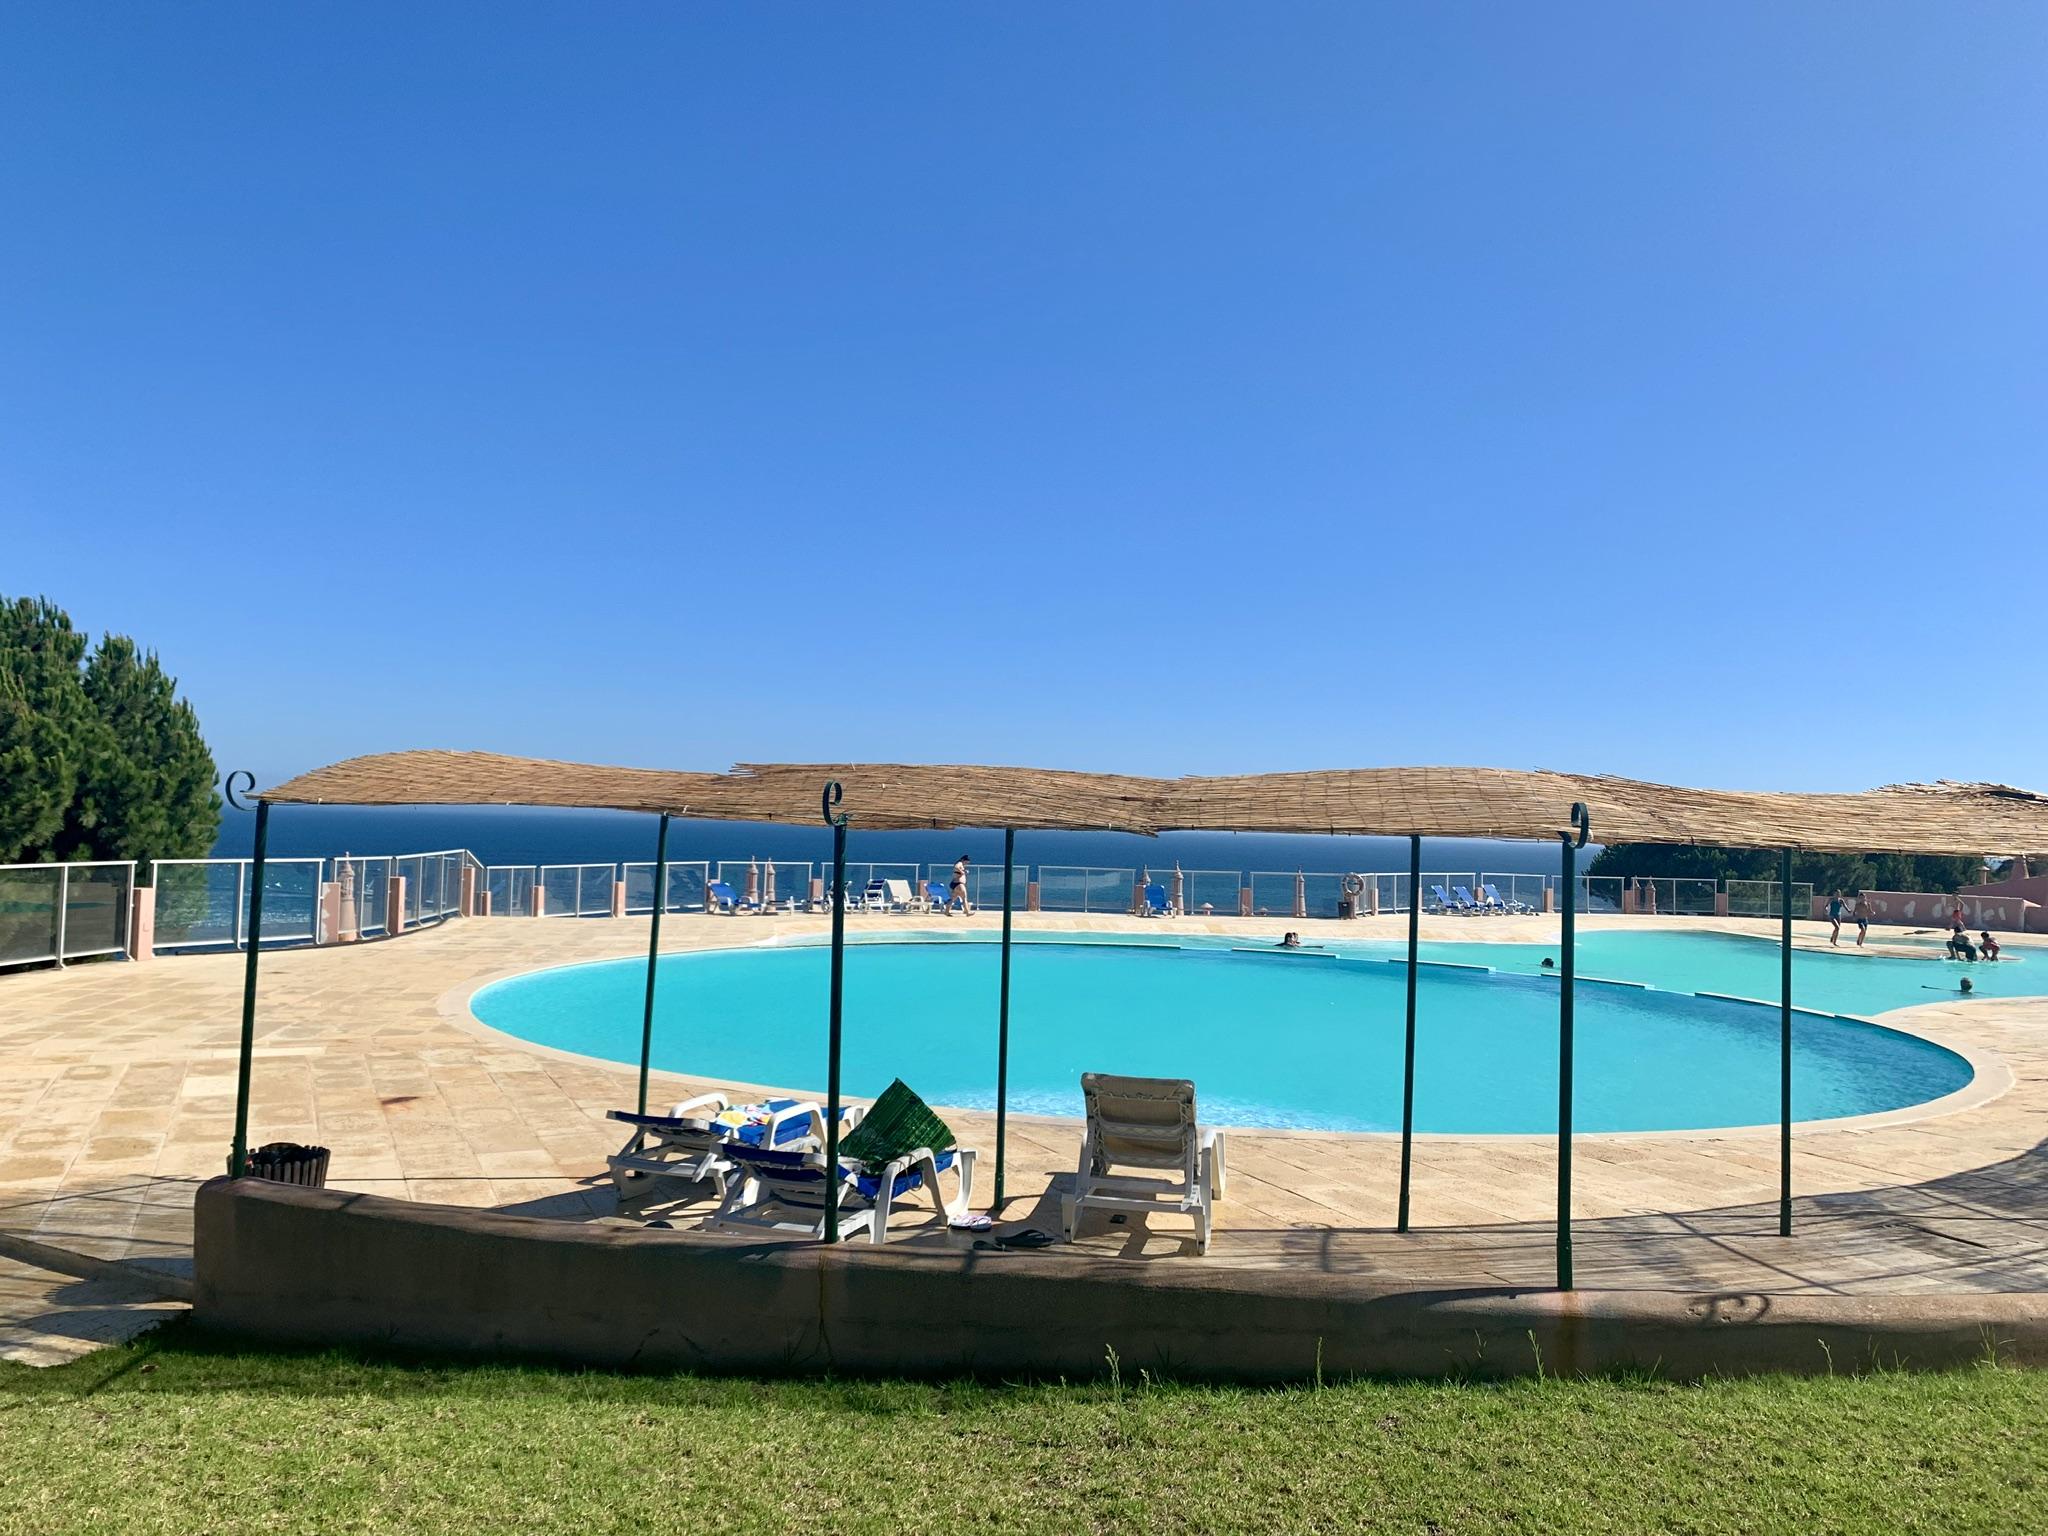 Location appartements et villas de vacance, Maison de vacances praia da Luz face à la mer à Lagos, Portugal Algarve, REF_IMG_2627_17917